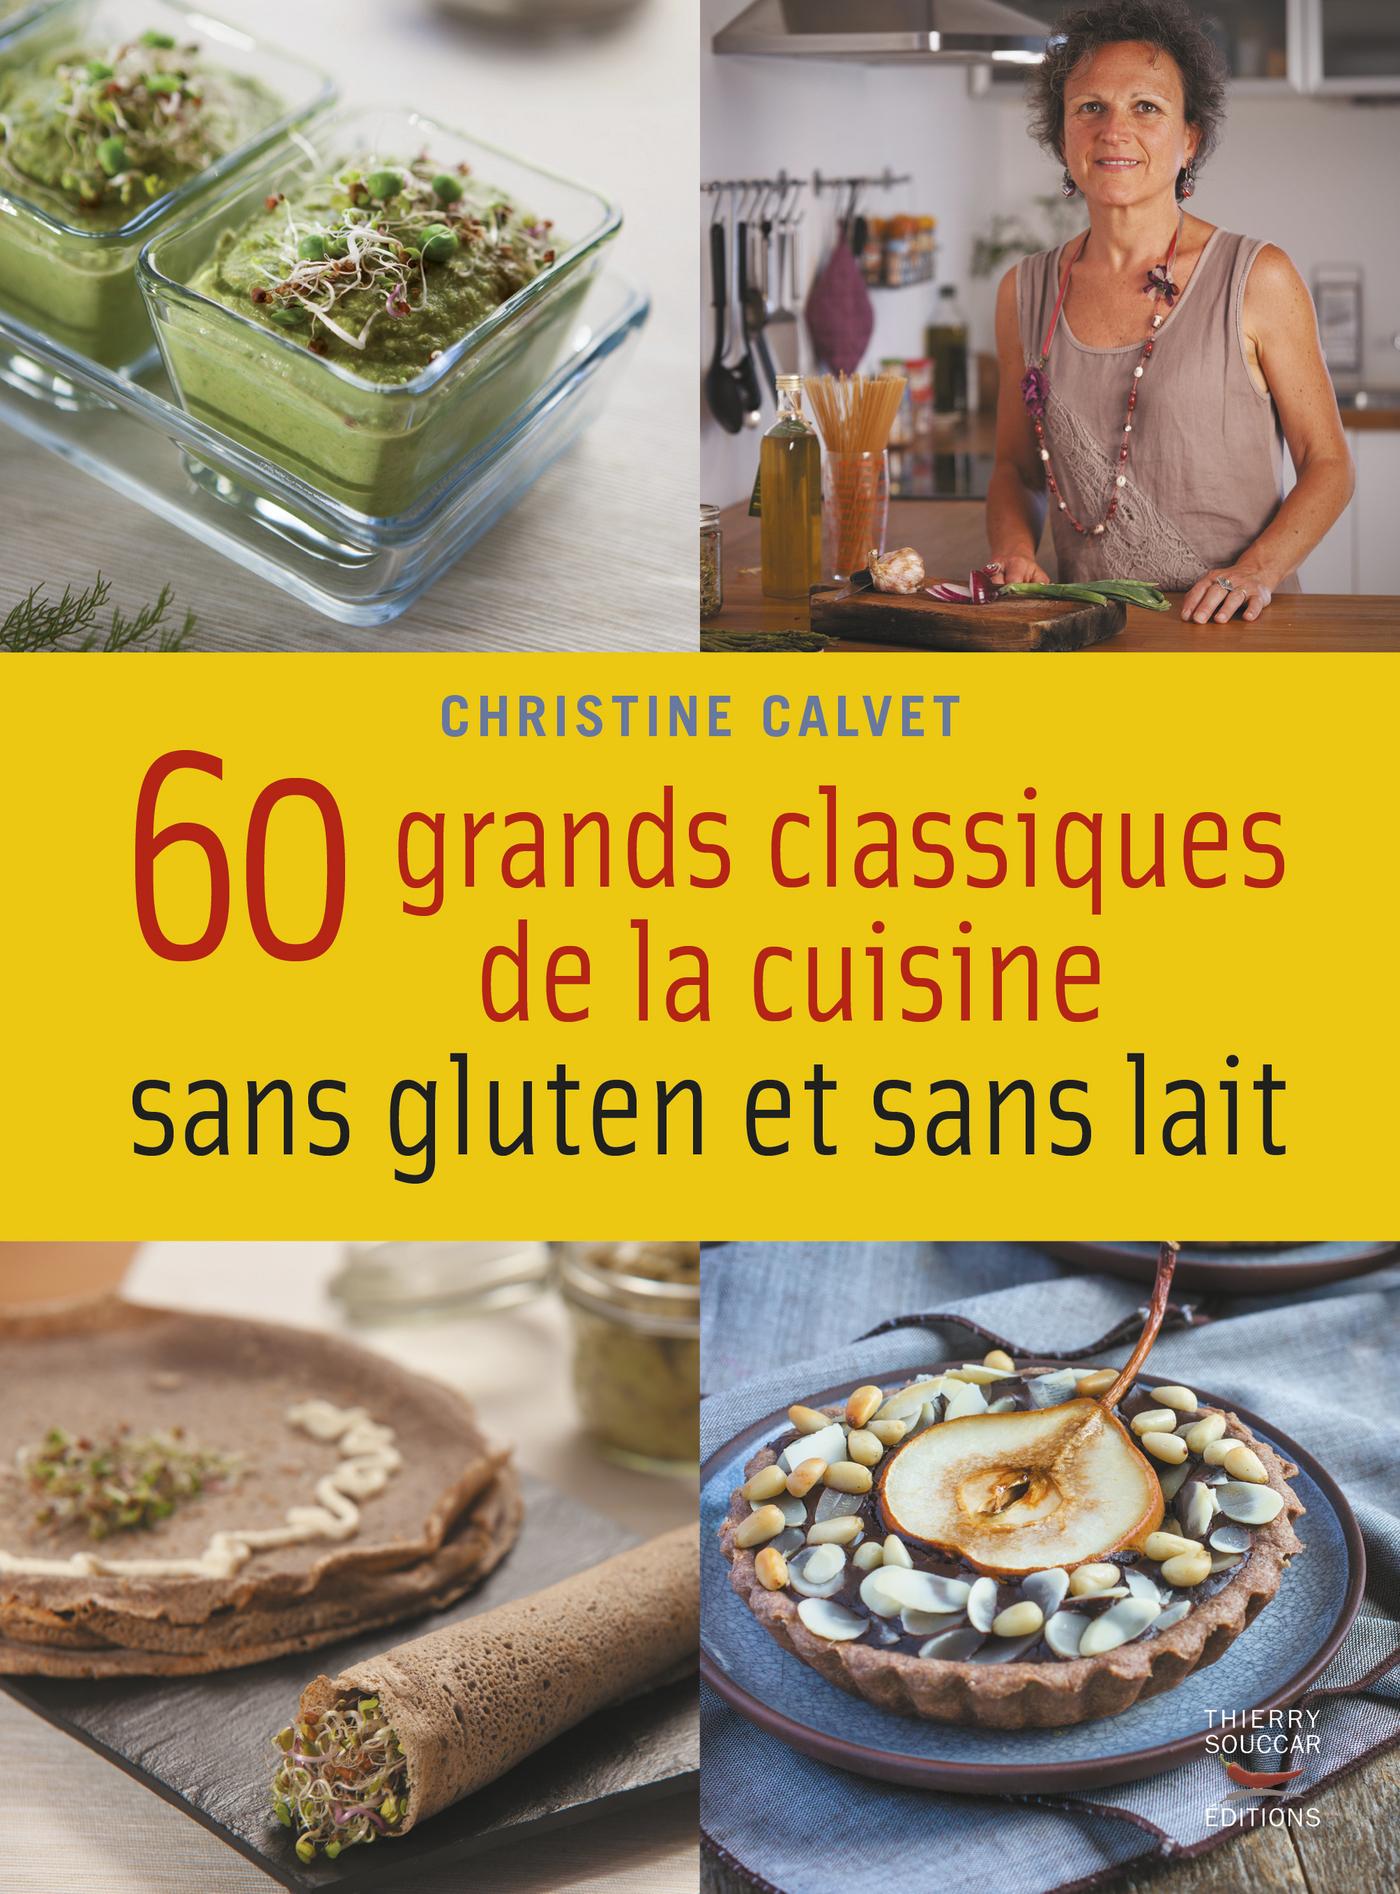 60 grands classiques de la cuisine sans gluten et